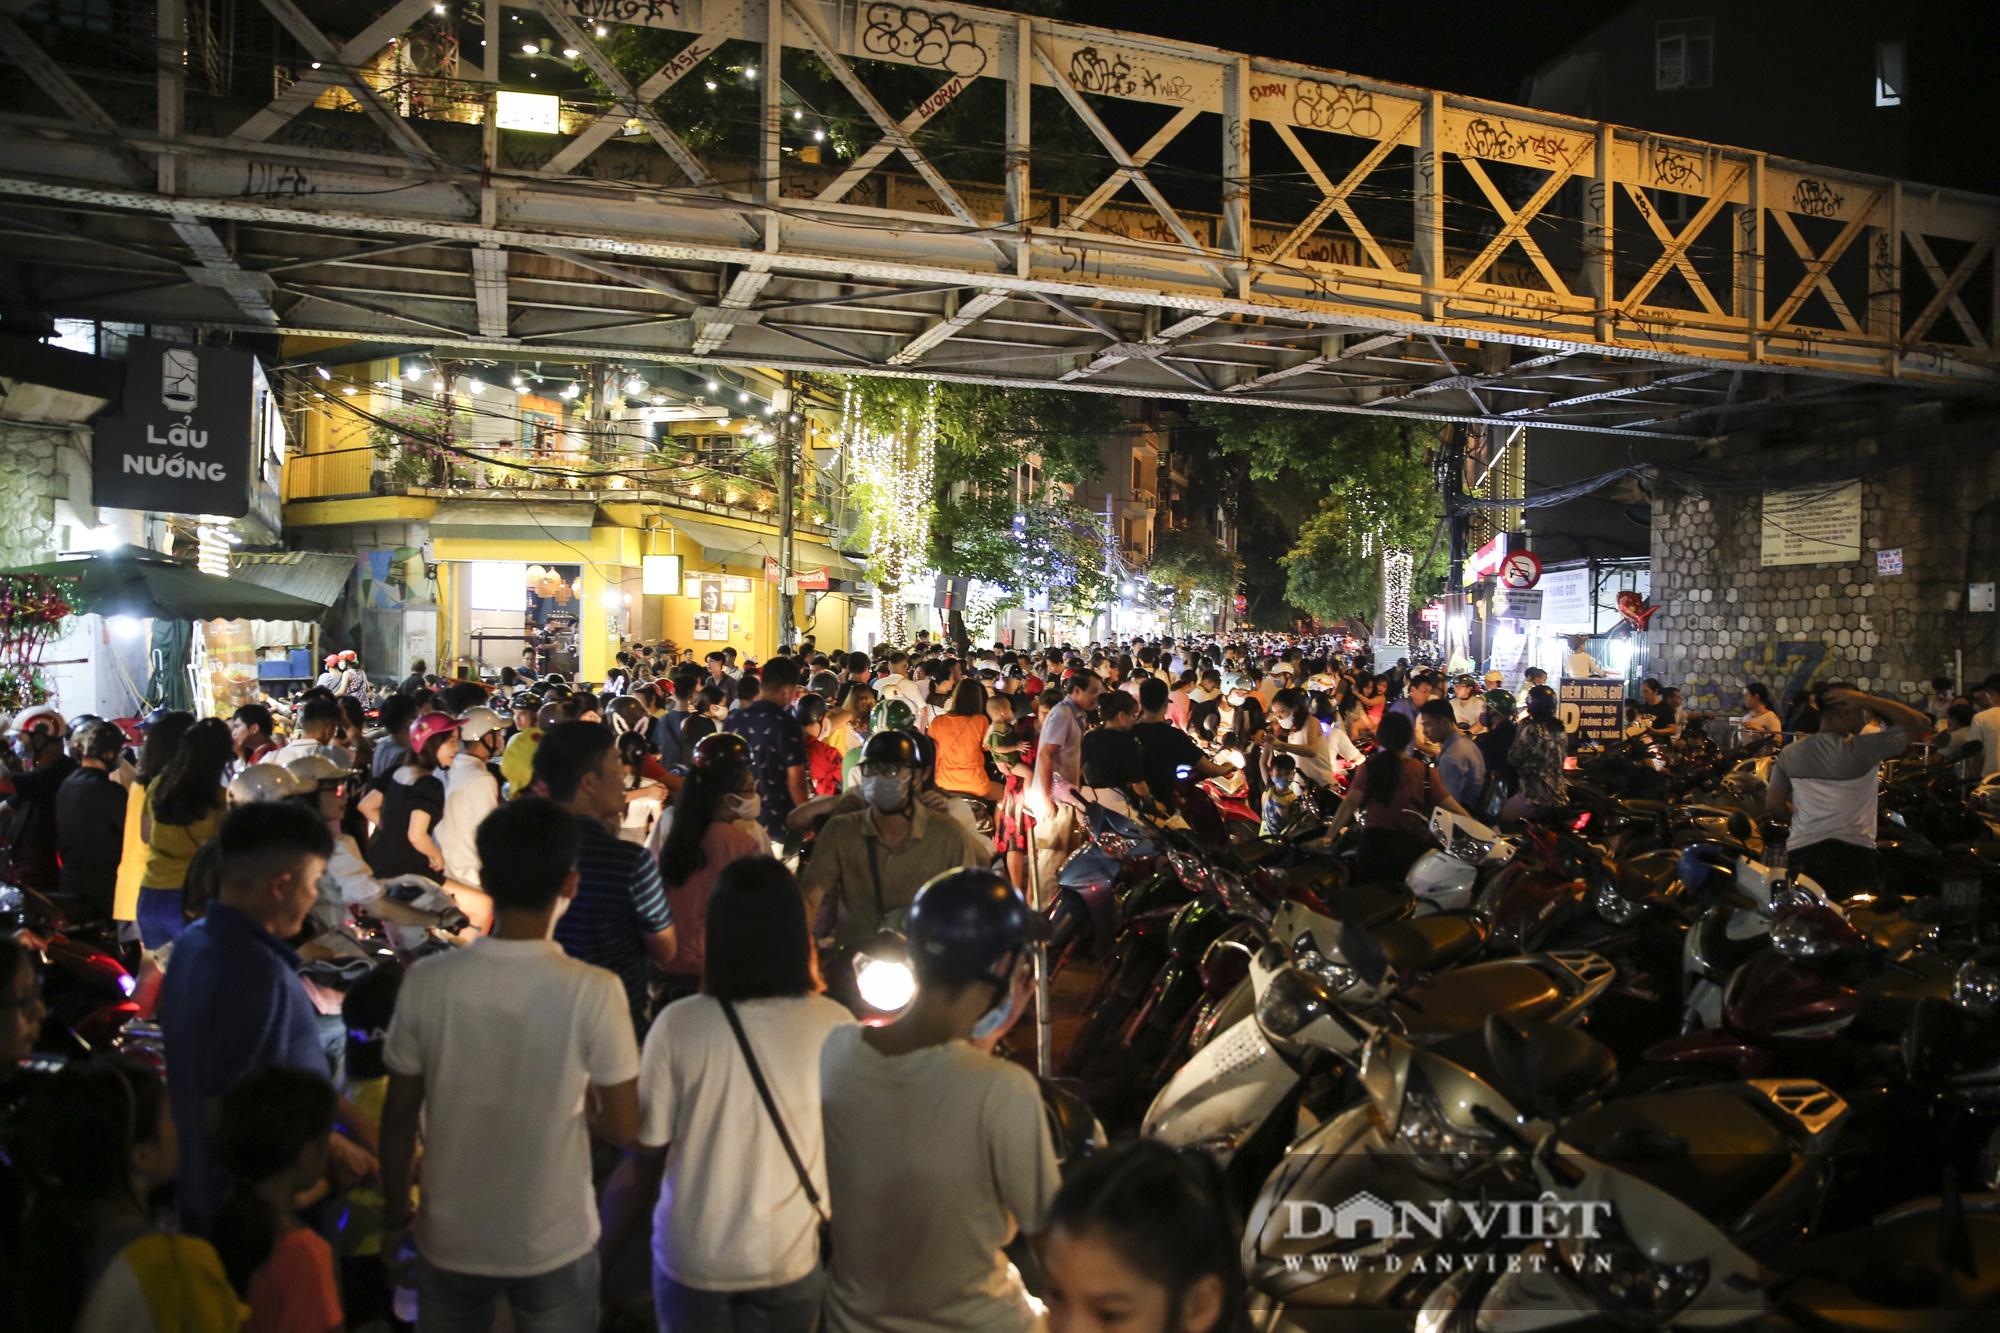 Hàng nghìn người đổ phố bích họa Phùng Hưng thưởng lãm đèn lồng - Ảnh 1.